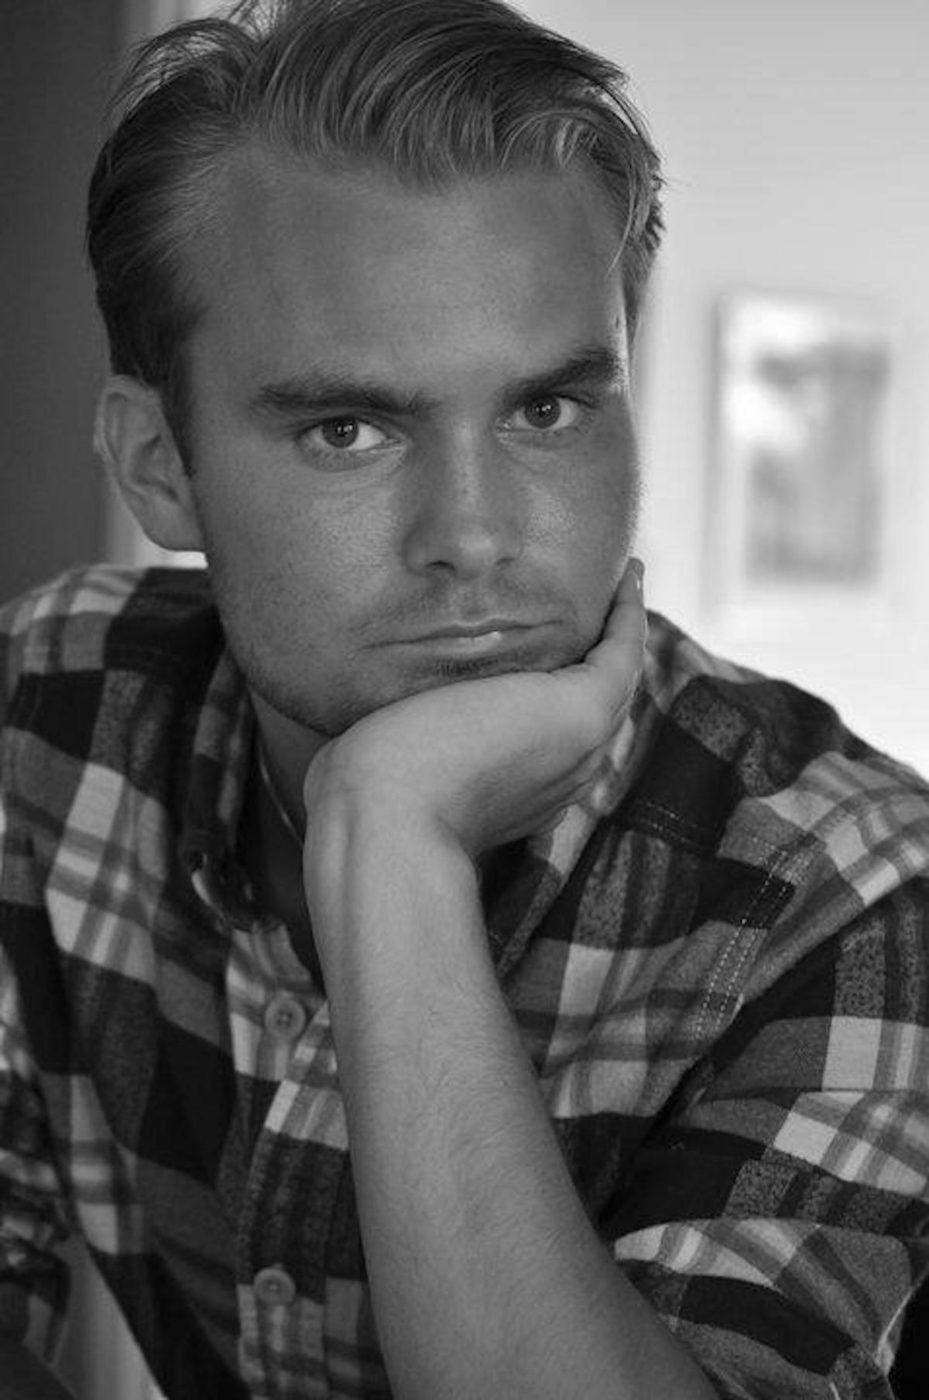 Fredrik Dalman